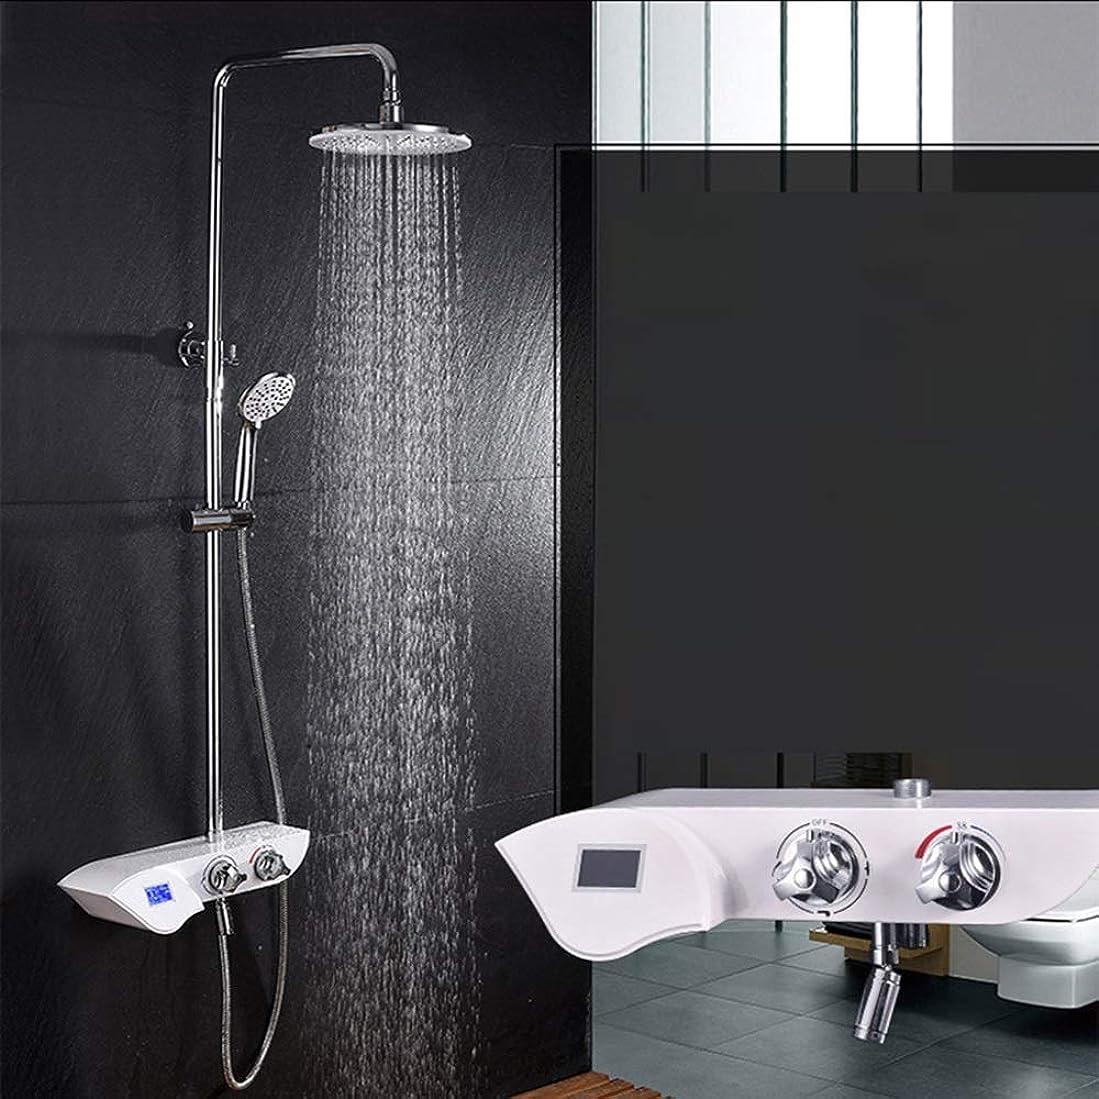 逃げる目覚める考慮シャワーセット シャワーヘッド シャワー セット レインシャワー 高水圧 蛇口 降雨 浴室用 耐久性 取付簡単 ZHQJP